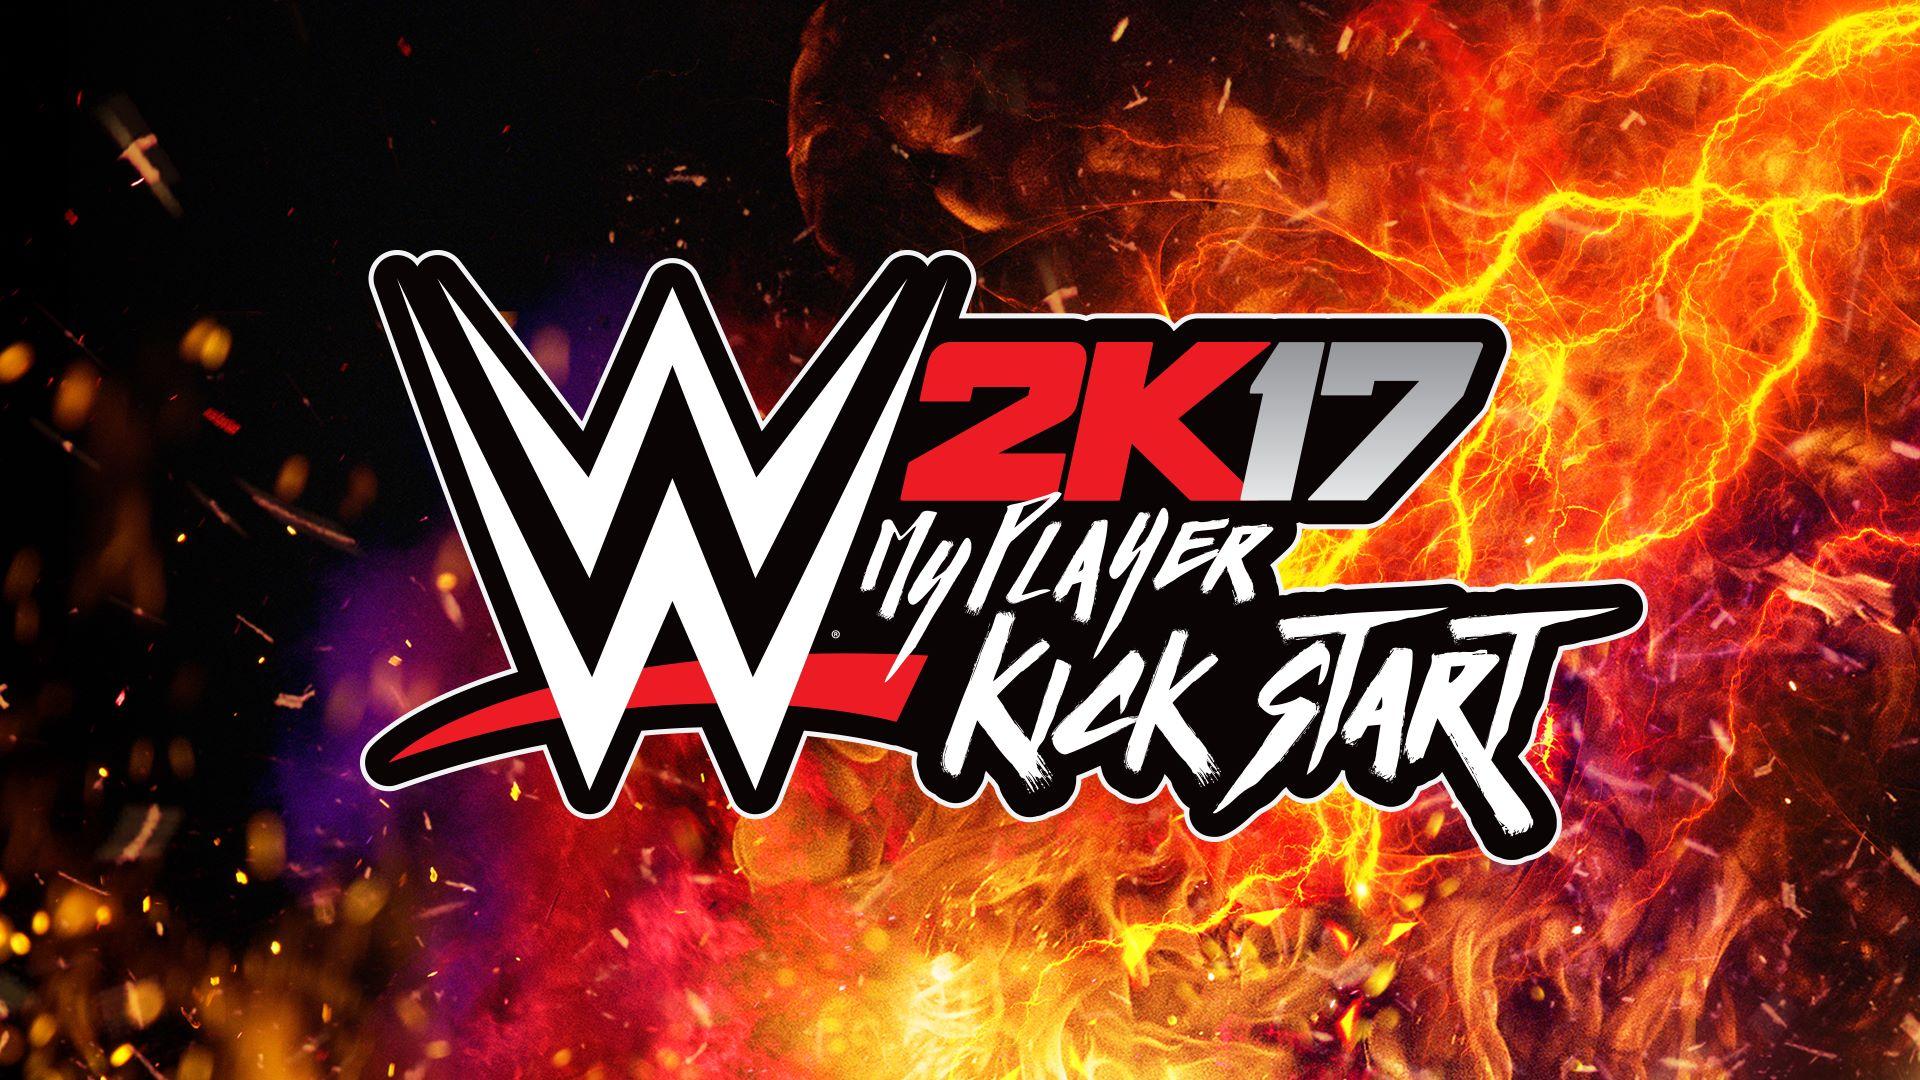 Wwe 2k17 Mein Spieler Kick Start Kaufen Microsoft Store De Ch